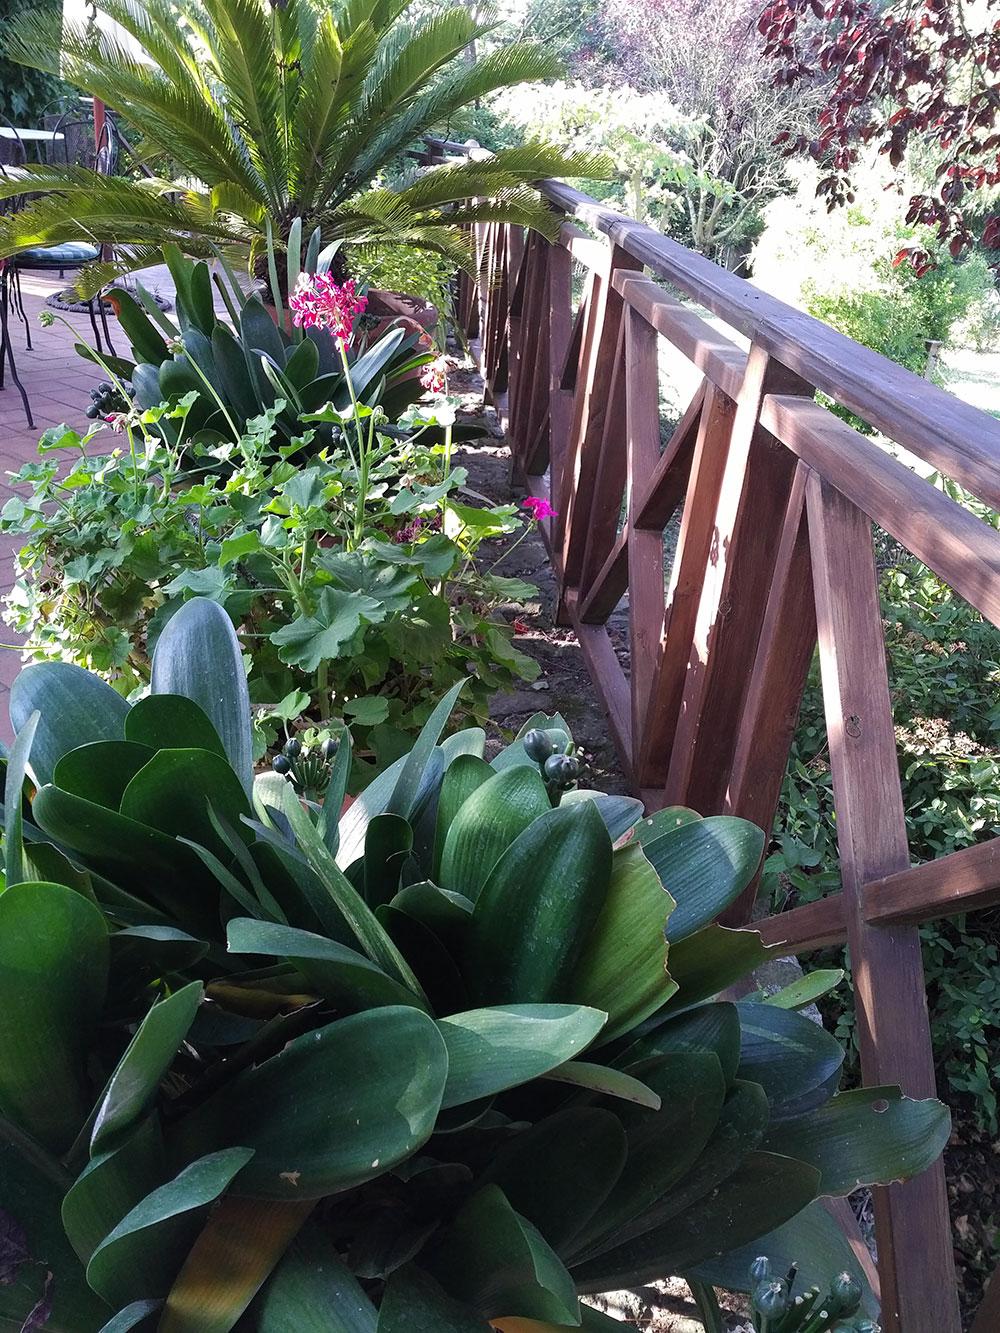 Wonderful green and leafy gardens